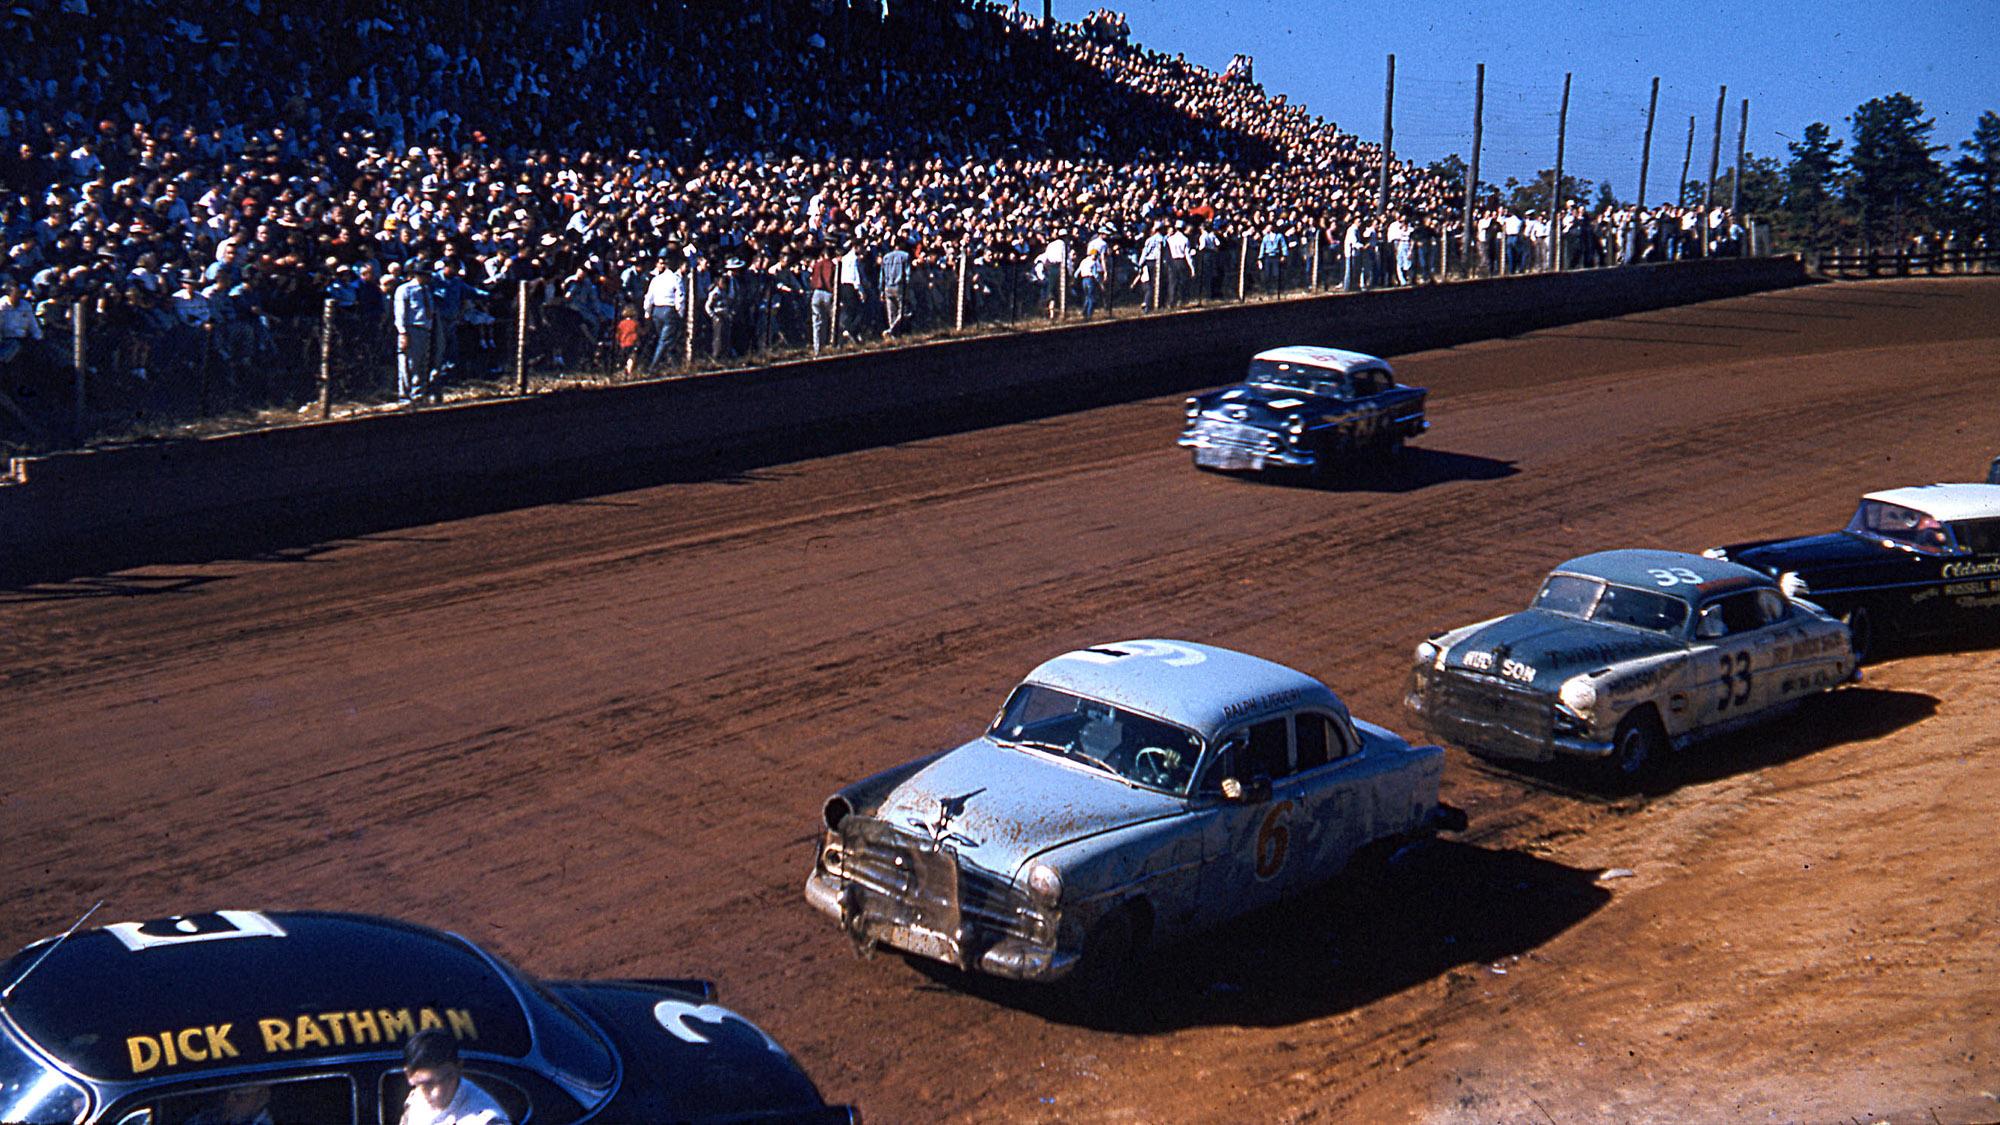 NASCAR 1950s dirt racing